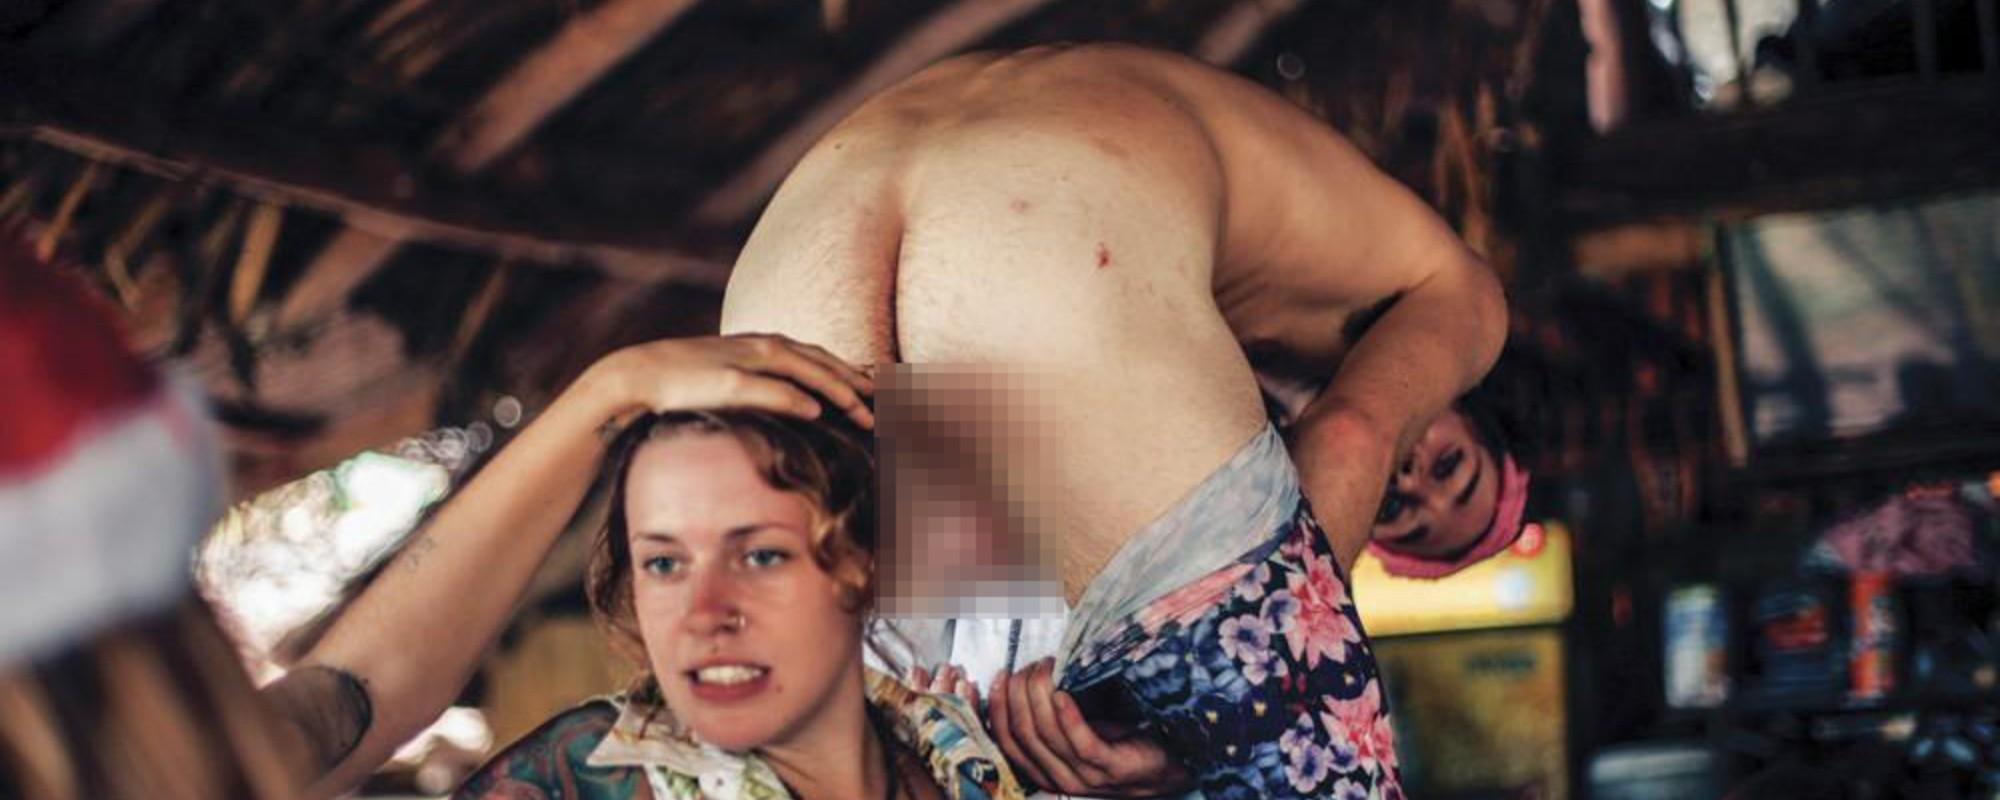 Mírně NSFW fotky z reálné verze filmu 'Pláž'